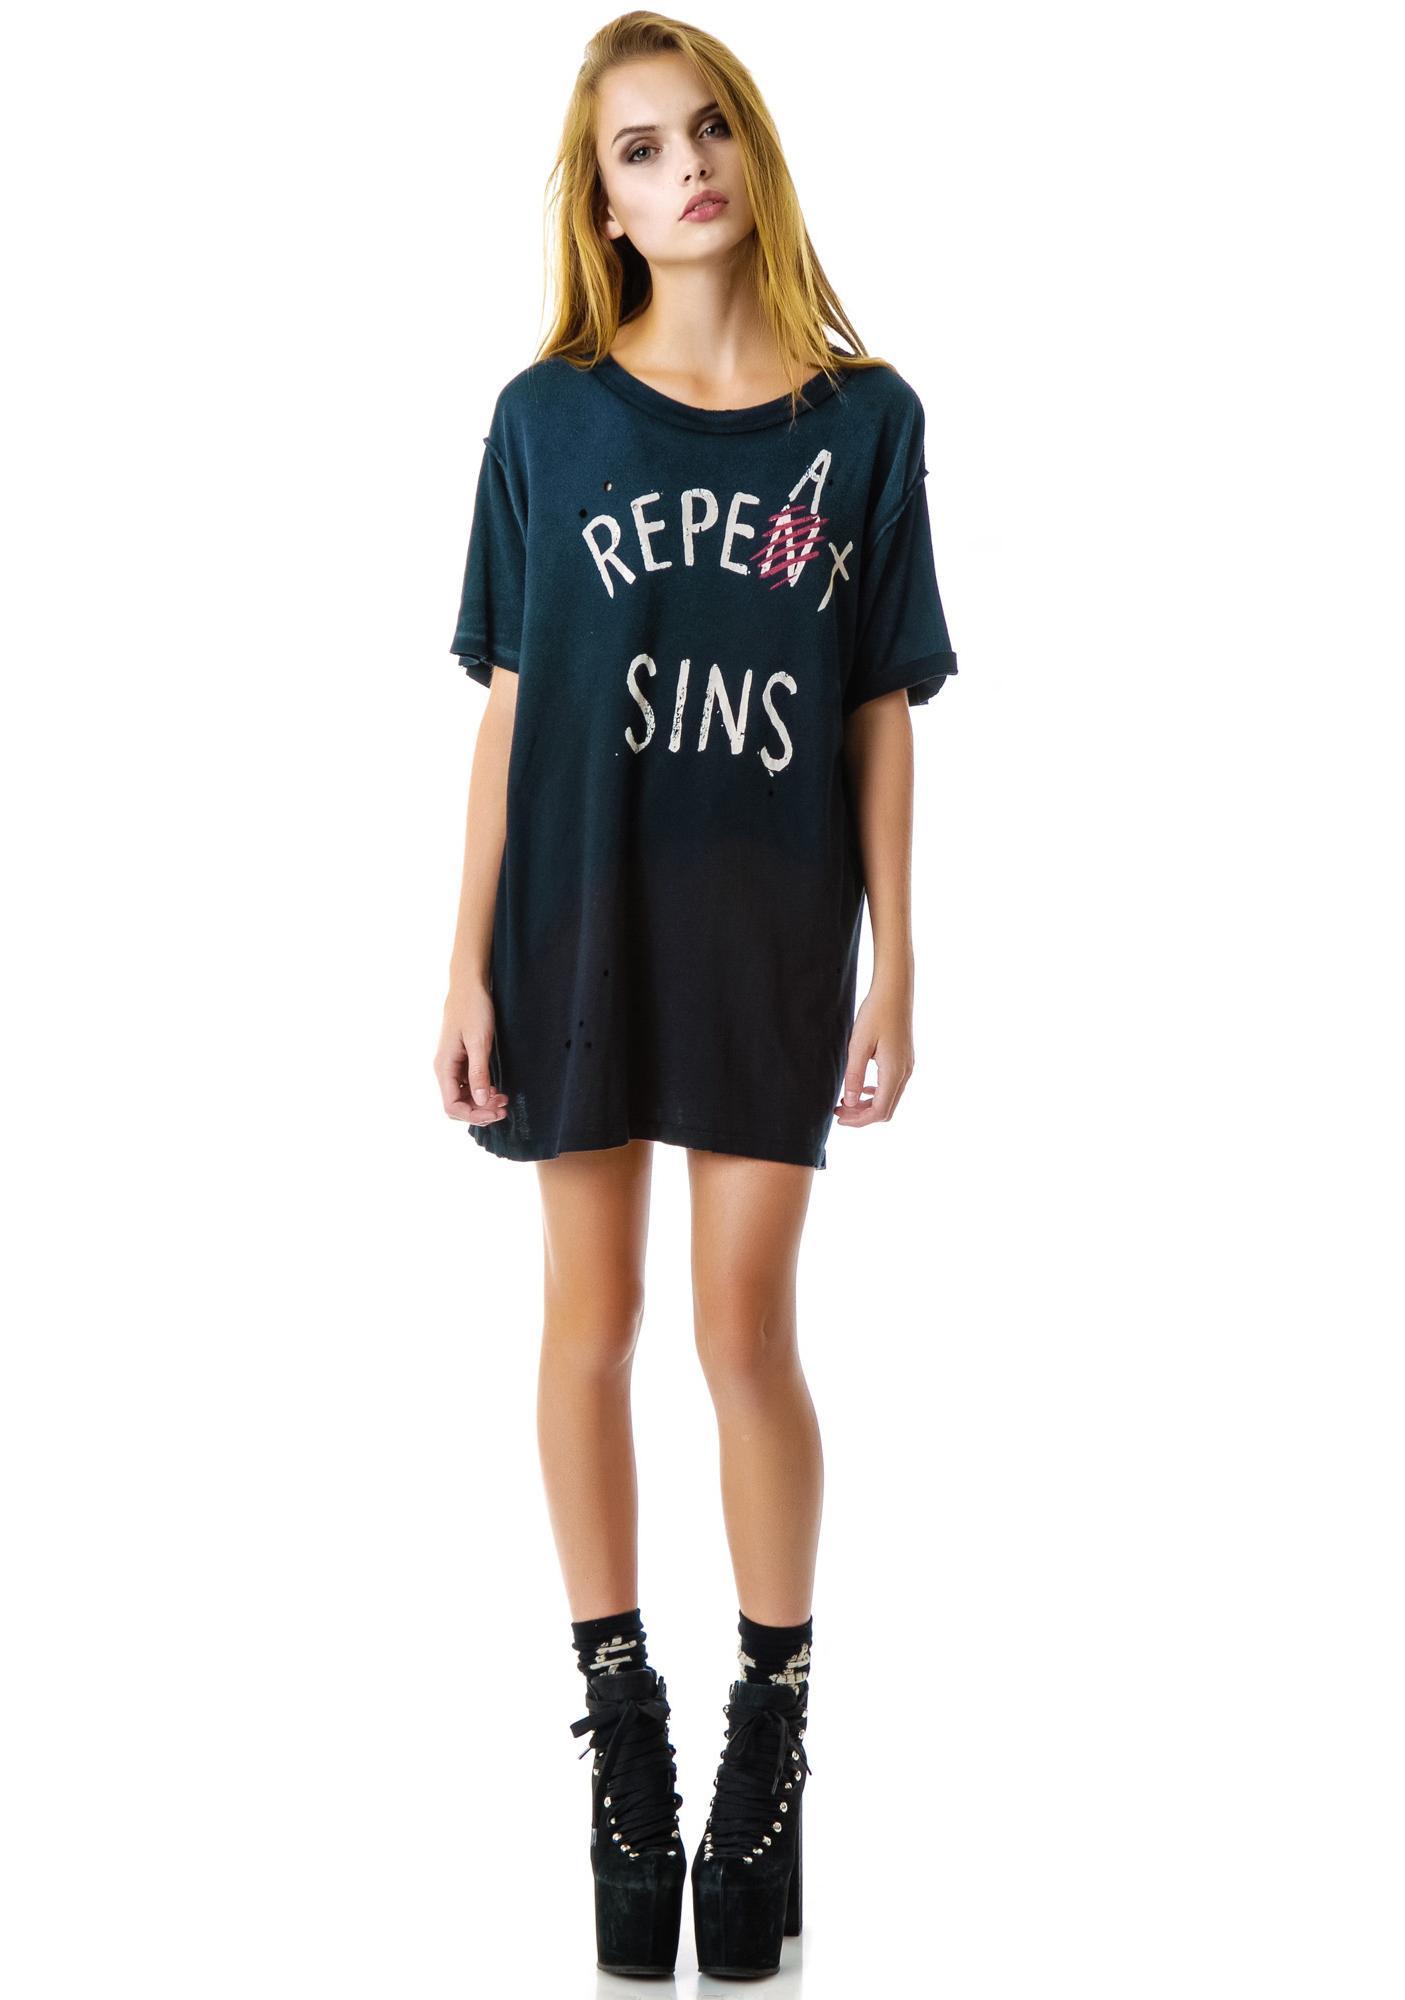 UNIF Repeat Sins Tee